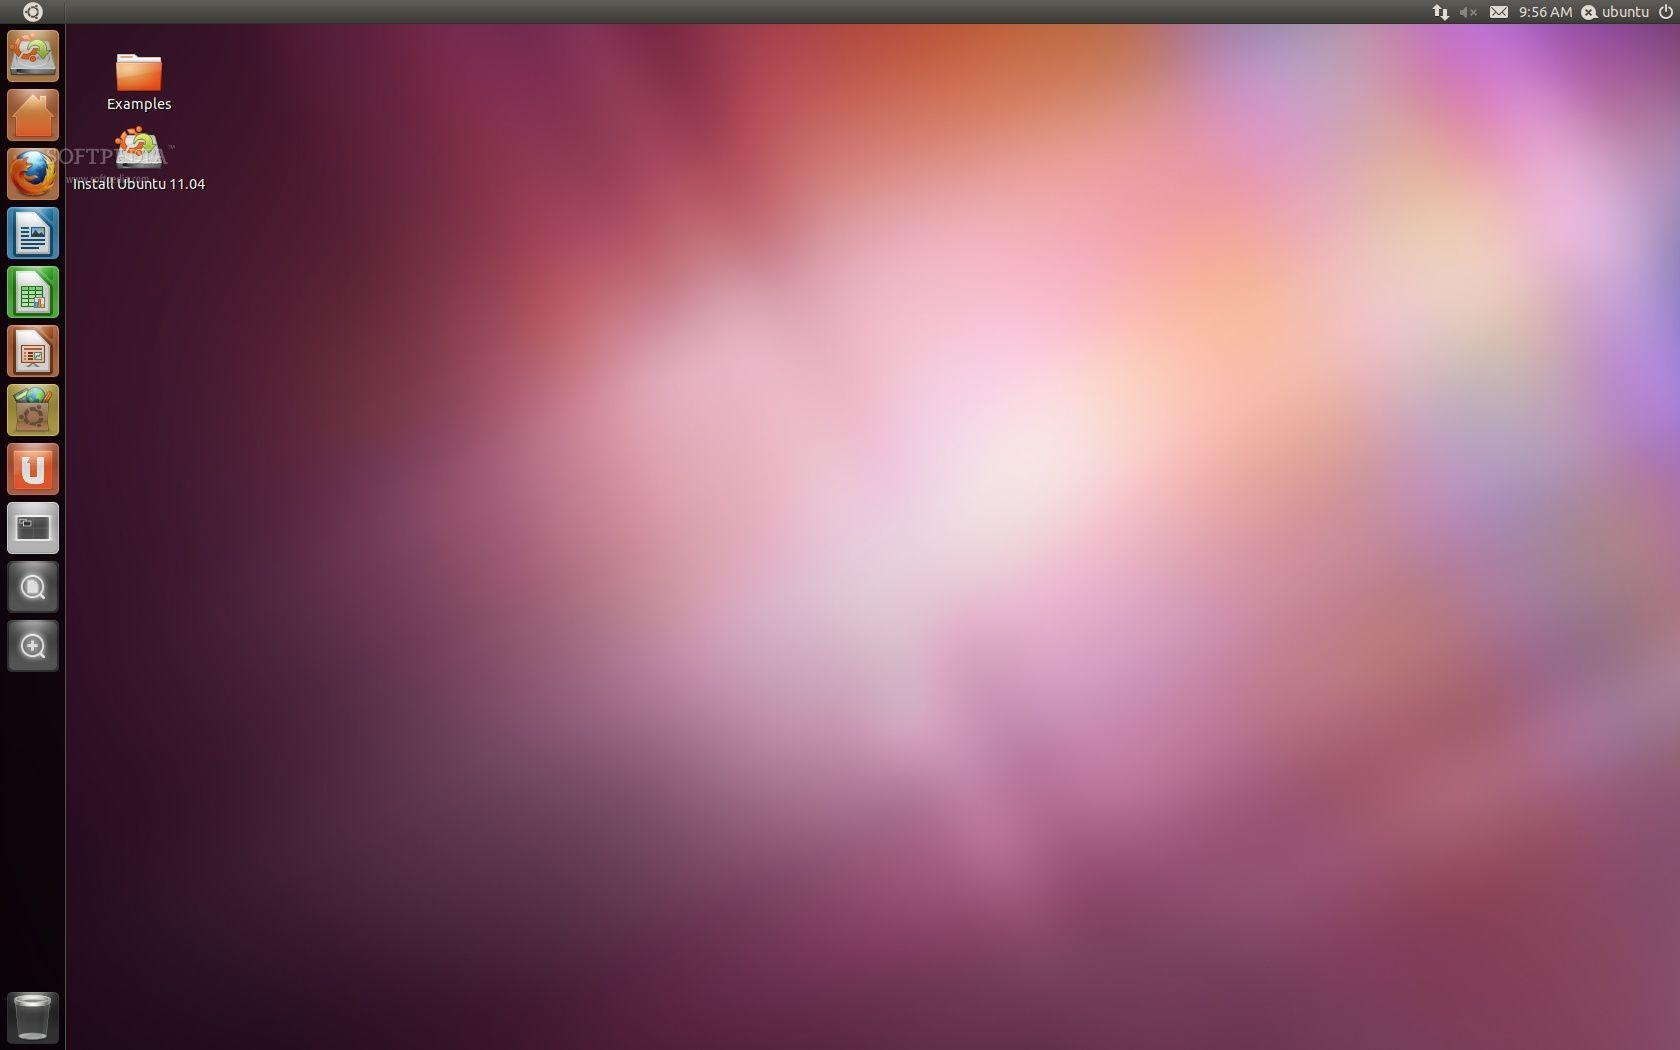 ubuntu 11.04 3d